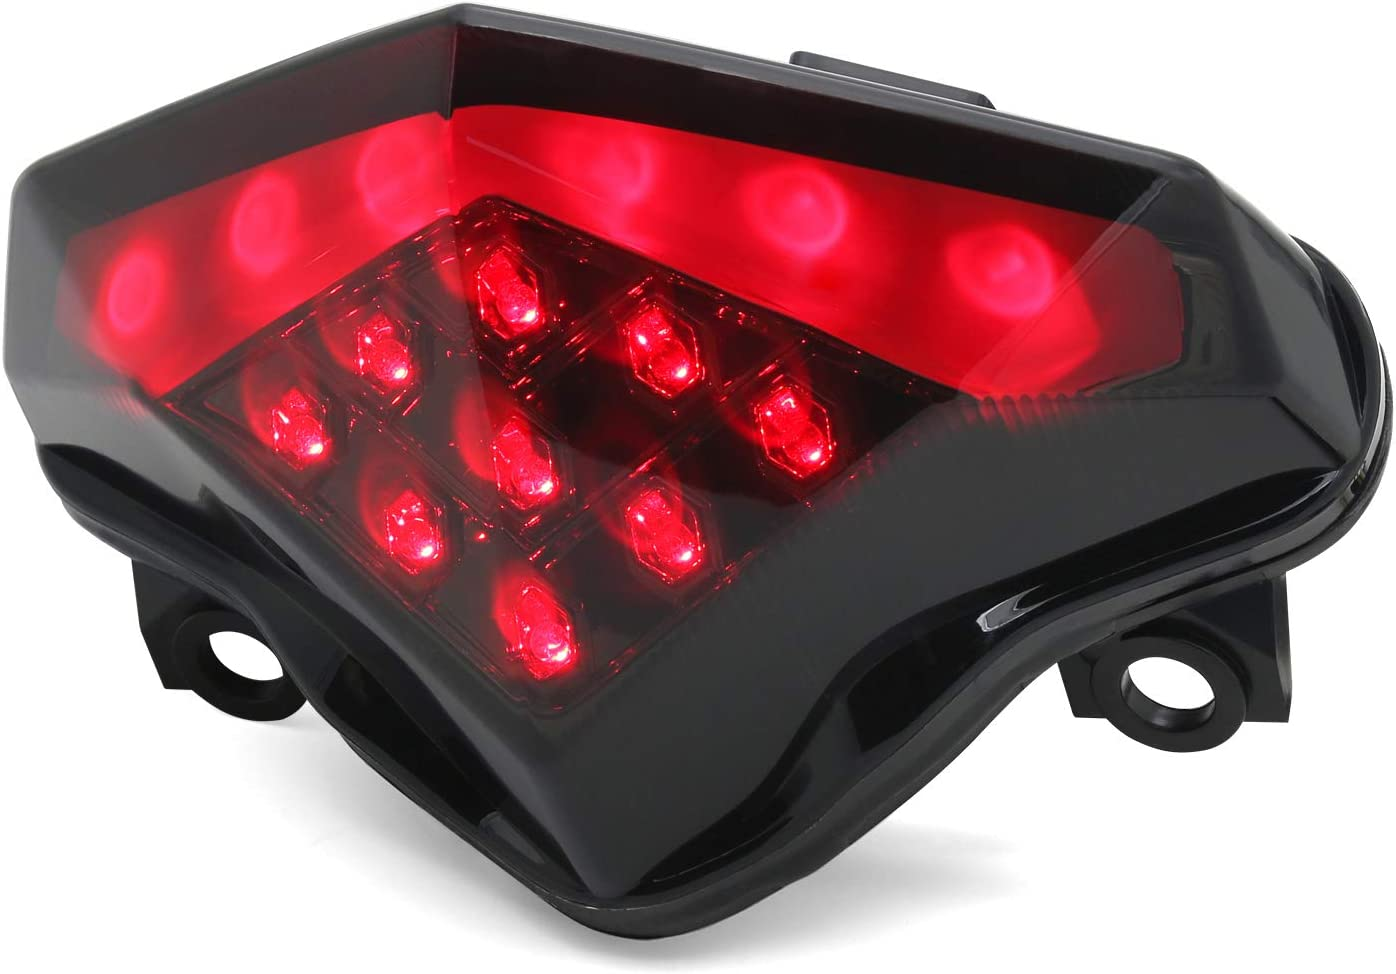 Integrated Sequential LED Tail Lights Smoke Lens for 2012-2016 Kawasaki Ninja 650